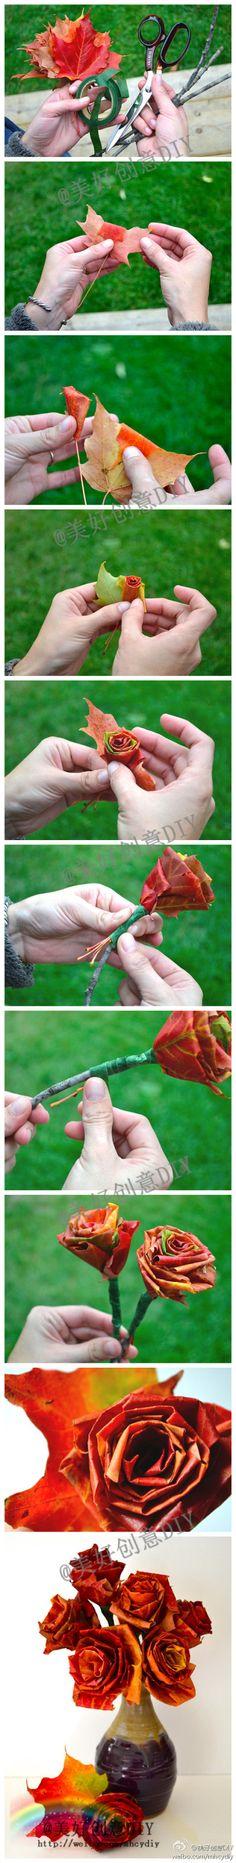 用枫叶做一只玫瑰花吧~~——更多有趣内容,请关注